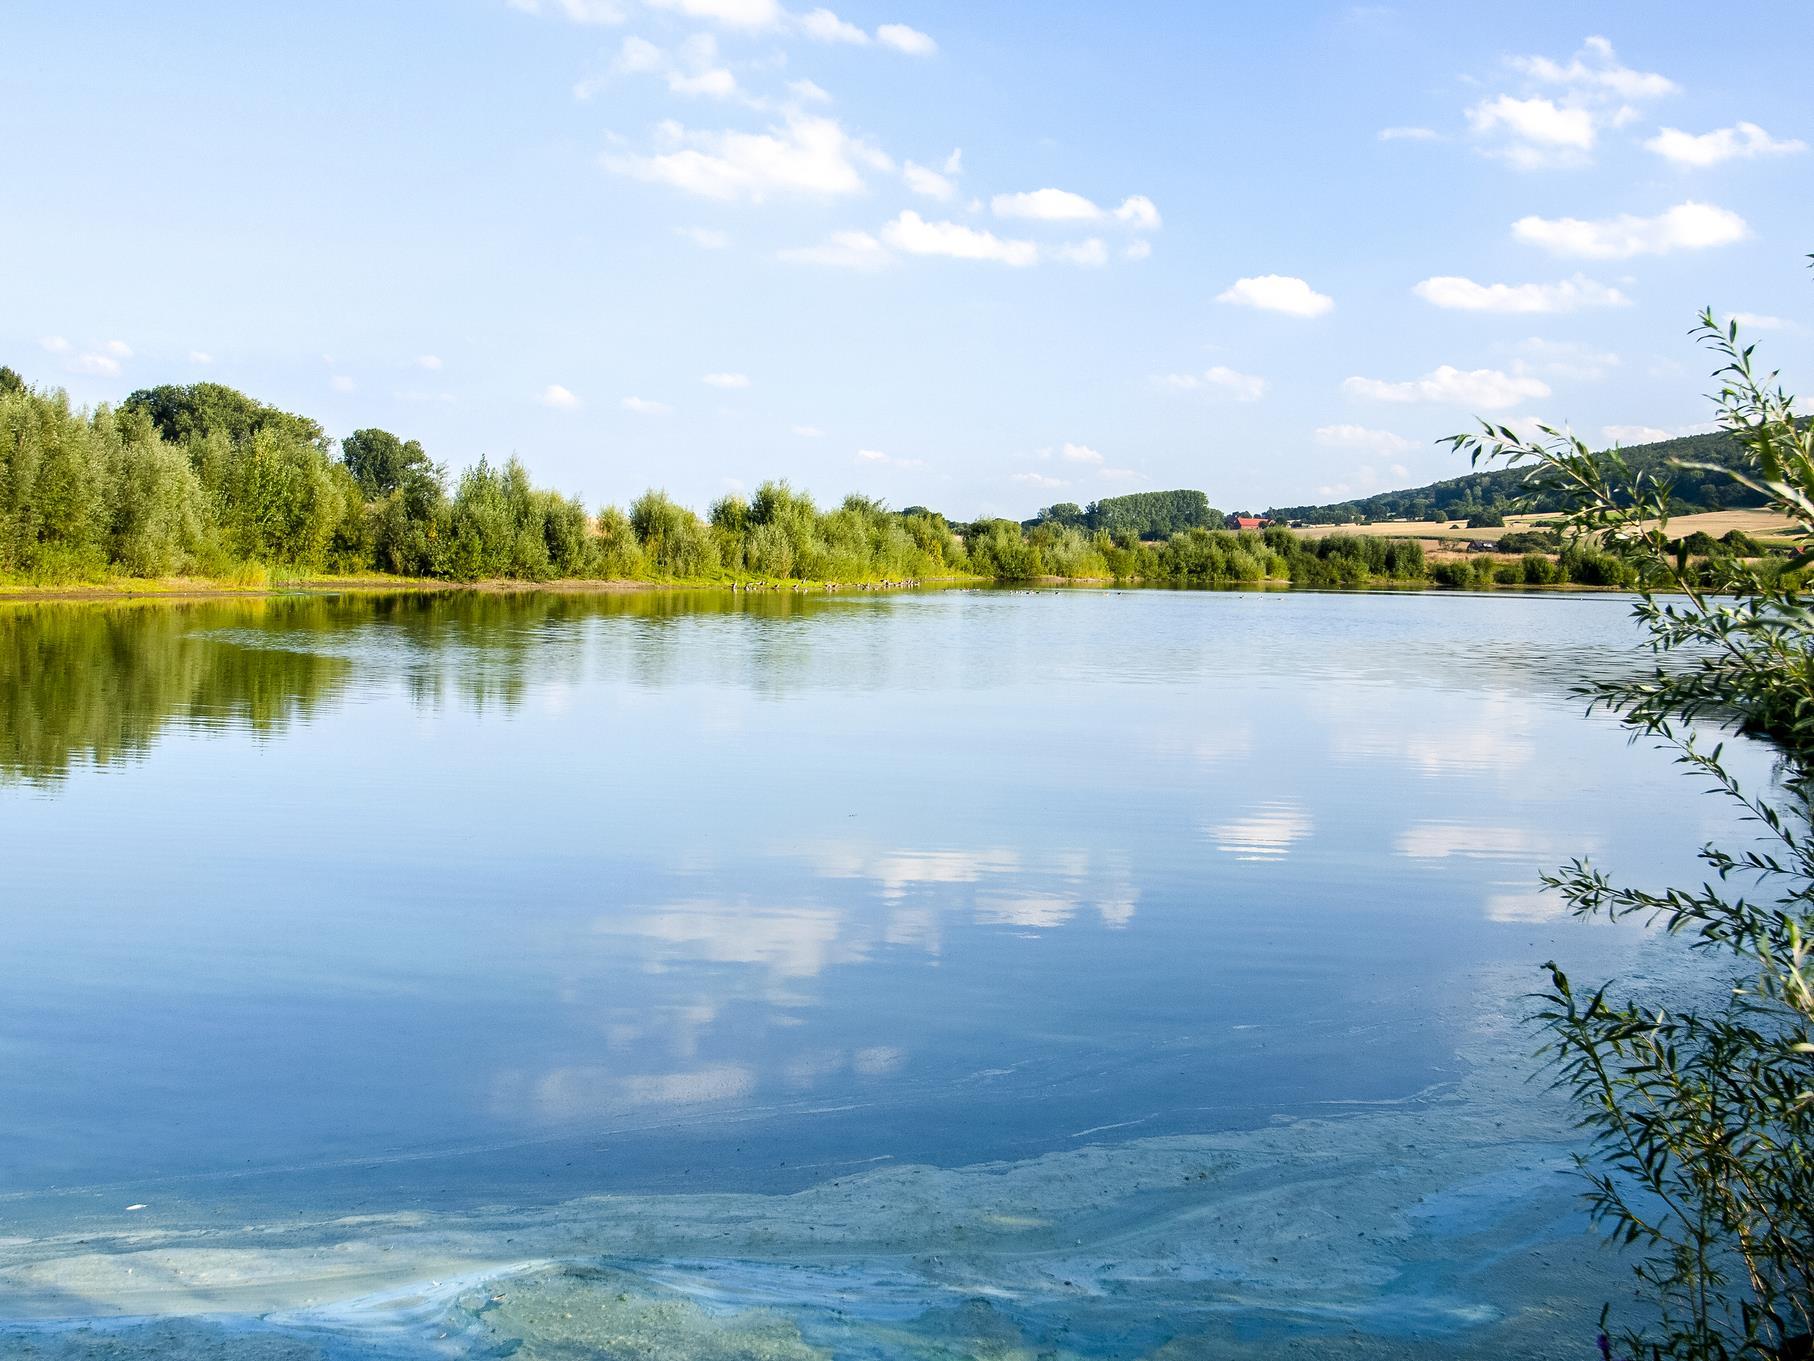 Wolkenspiegelung am mittleren Teich.